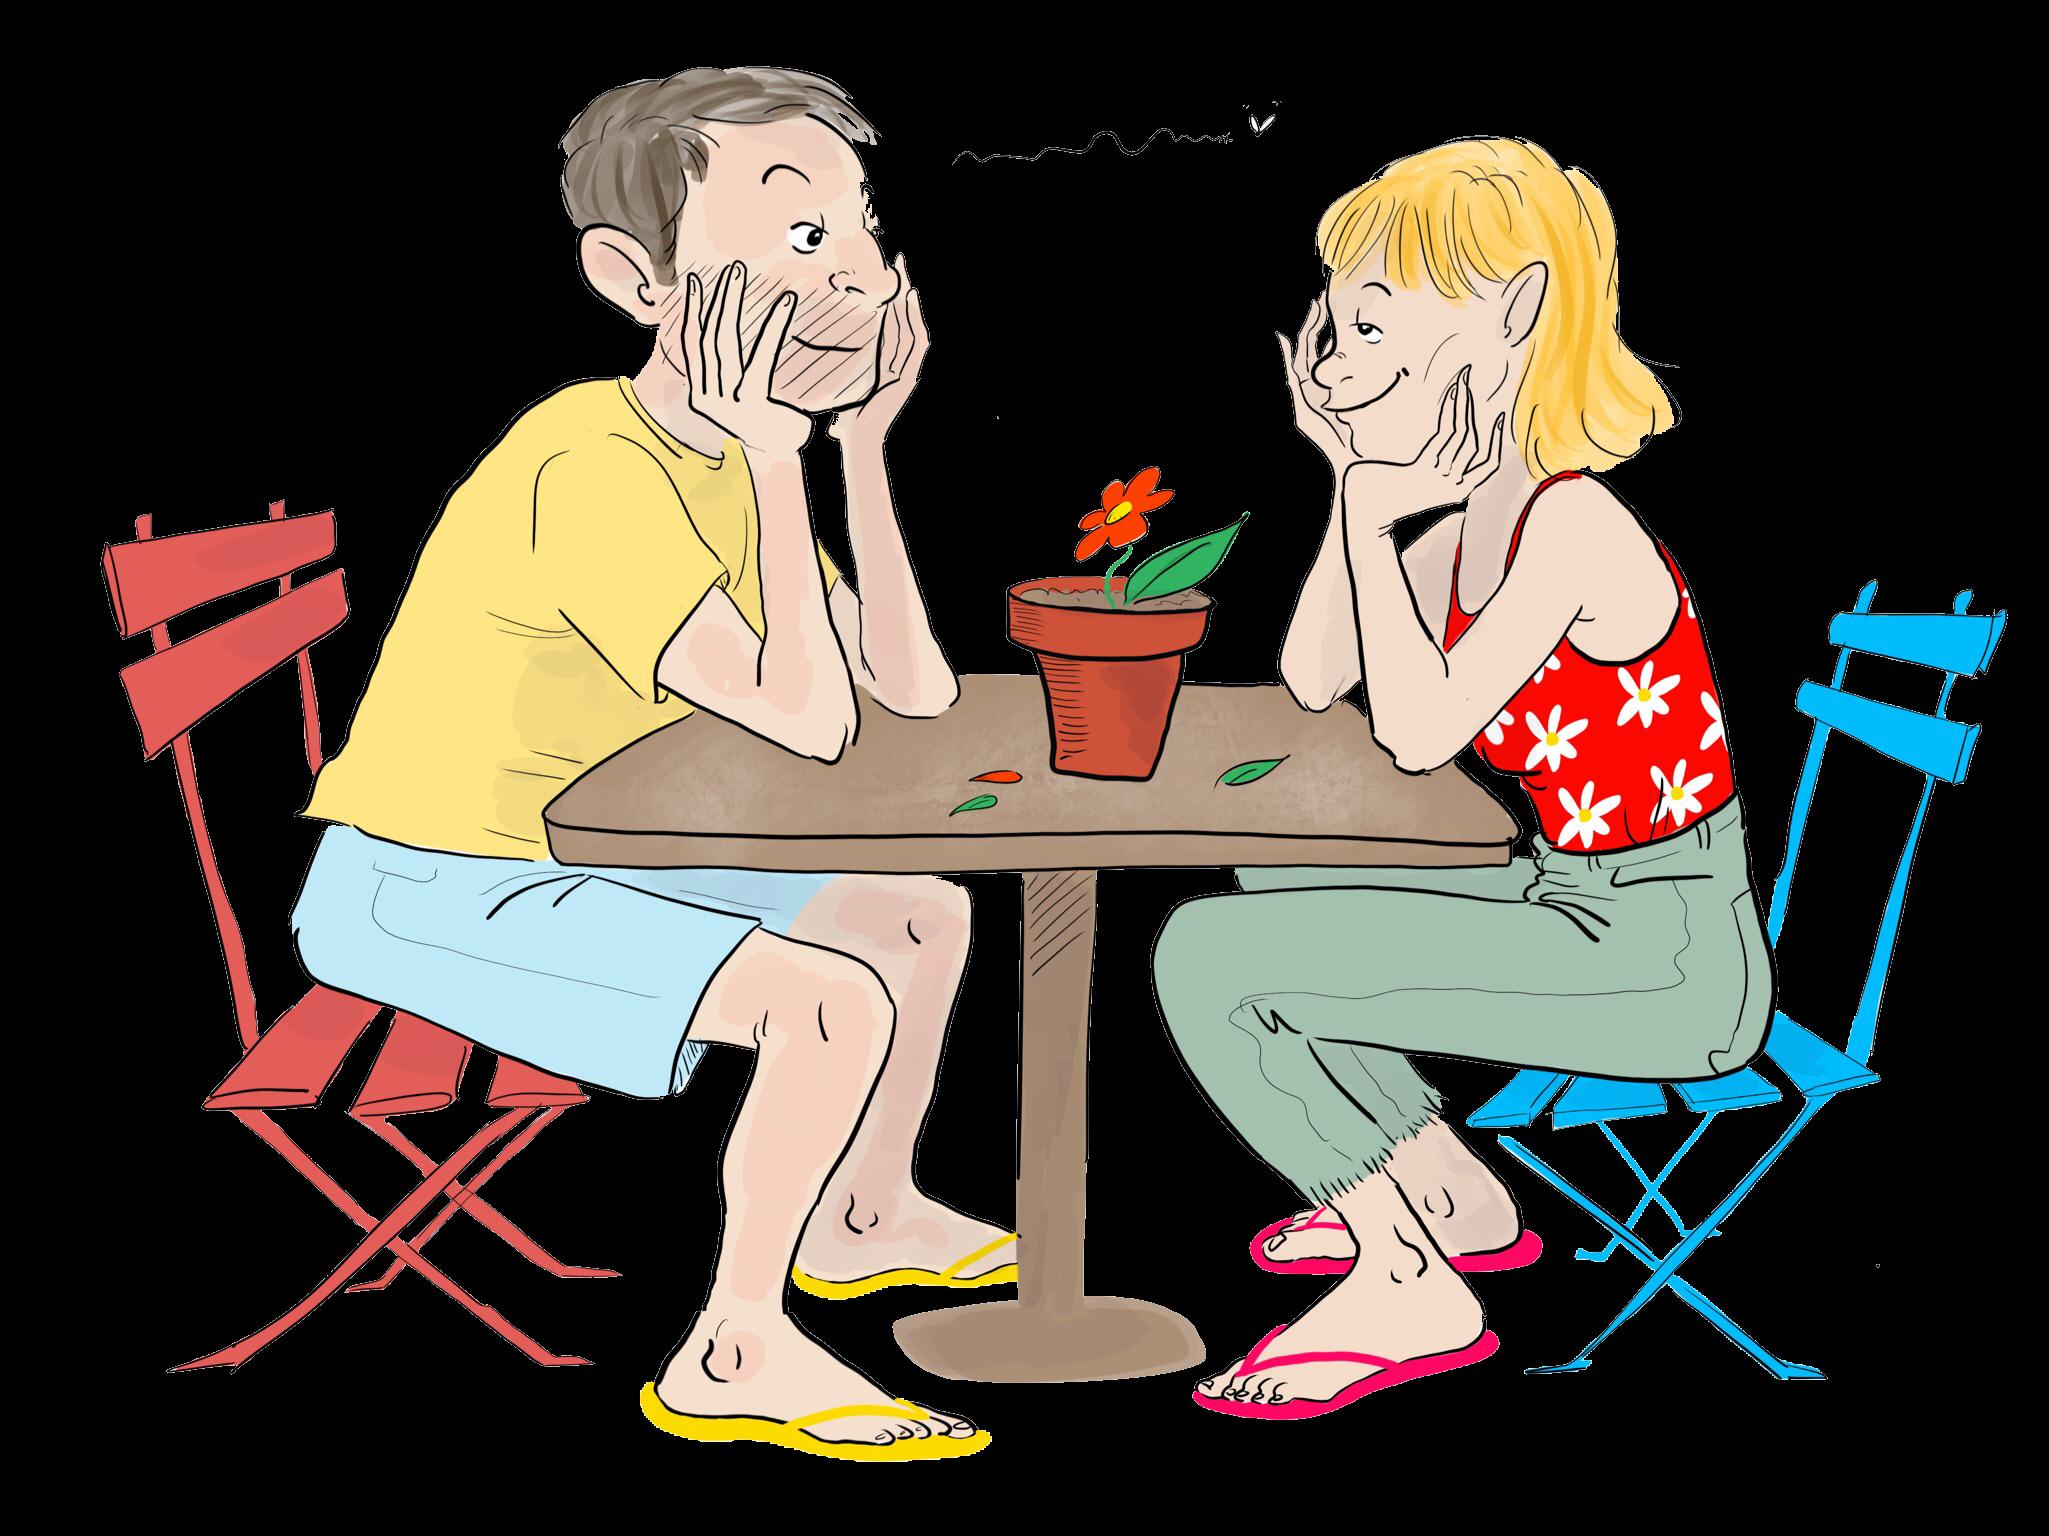 [SÉQUENCE COUPLE] Le rituel: une routine qui peut devenir plaisir!